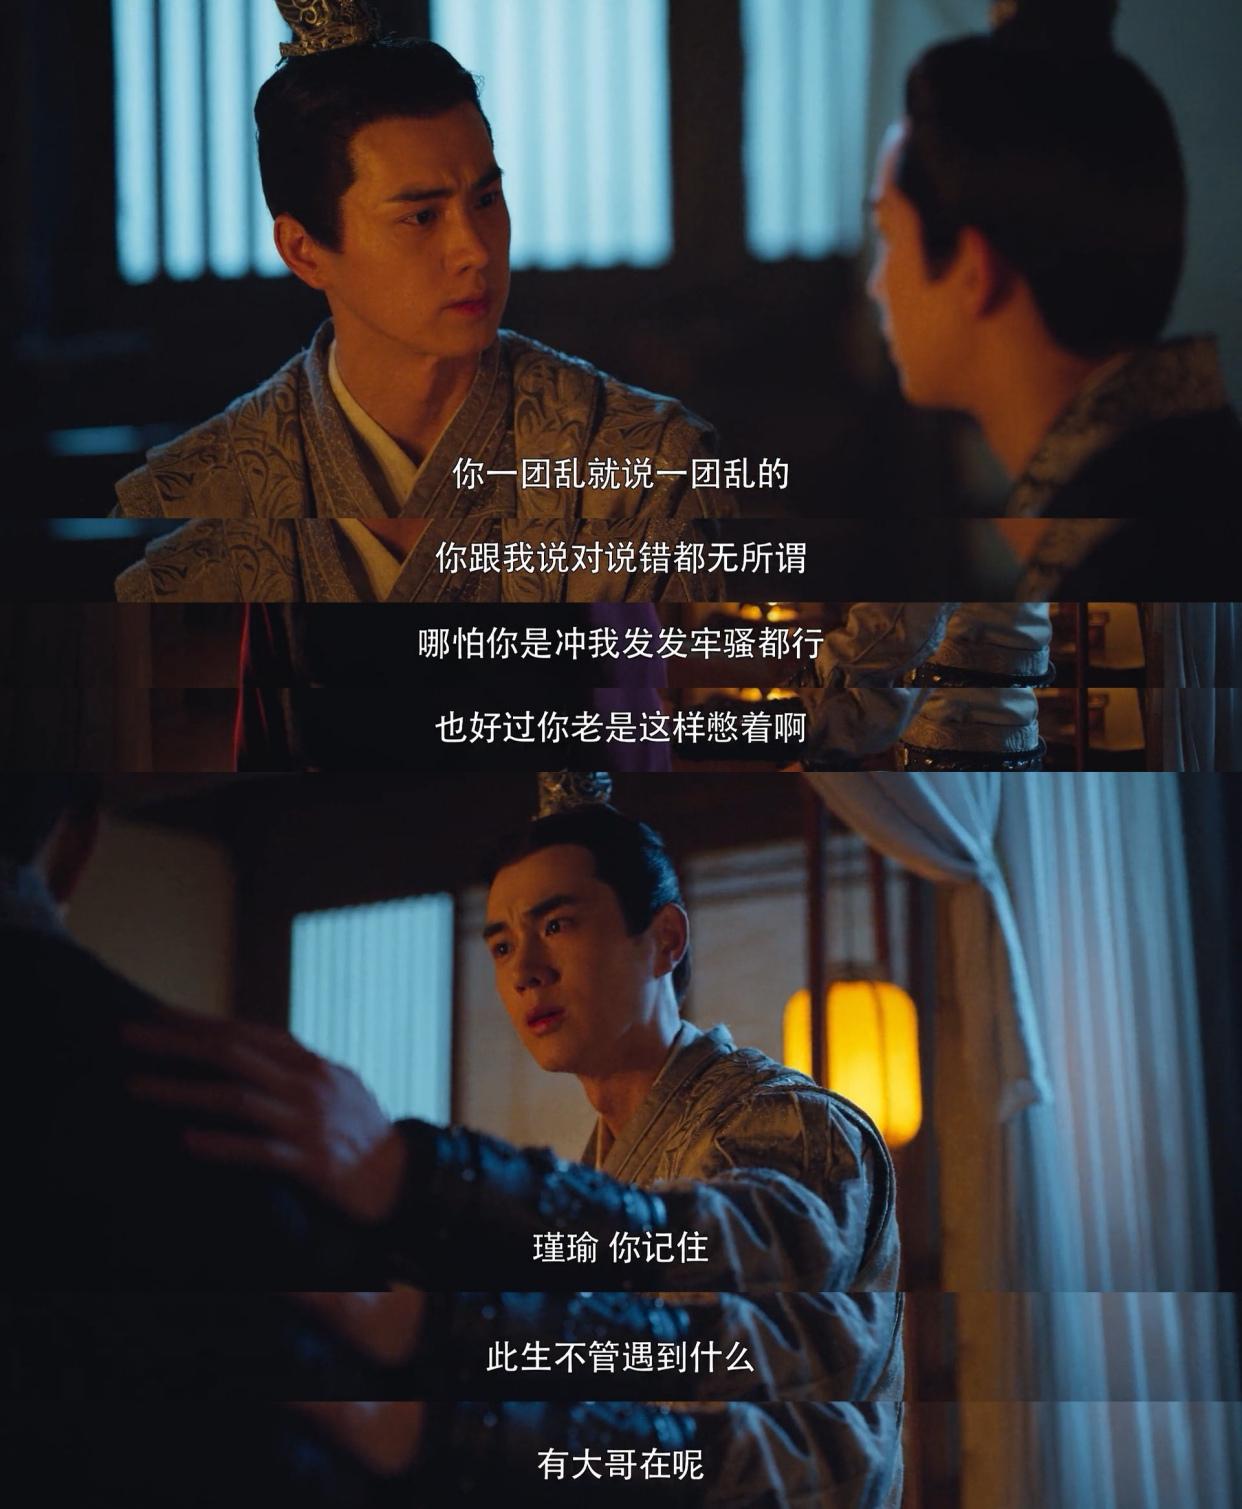 《御赐小仵作》萧瑾瑜的身世,其实早有伏笔